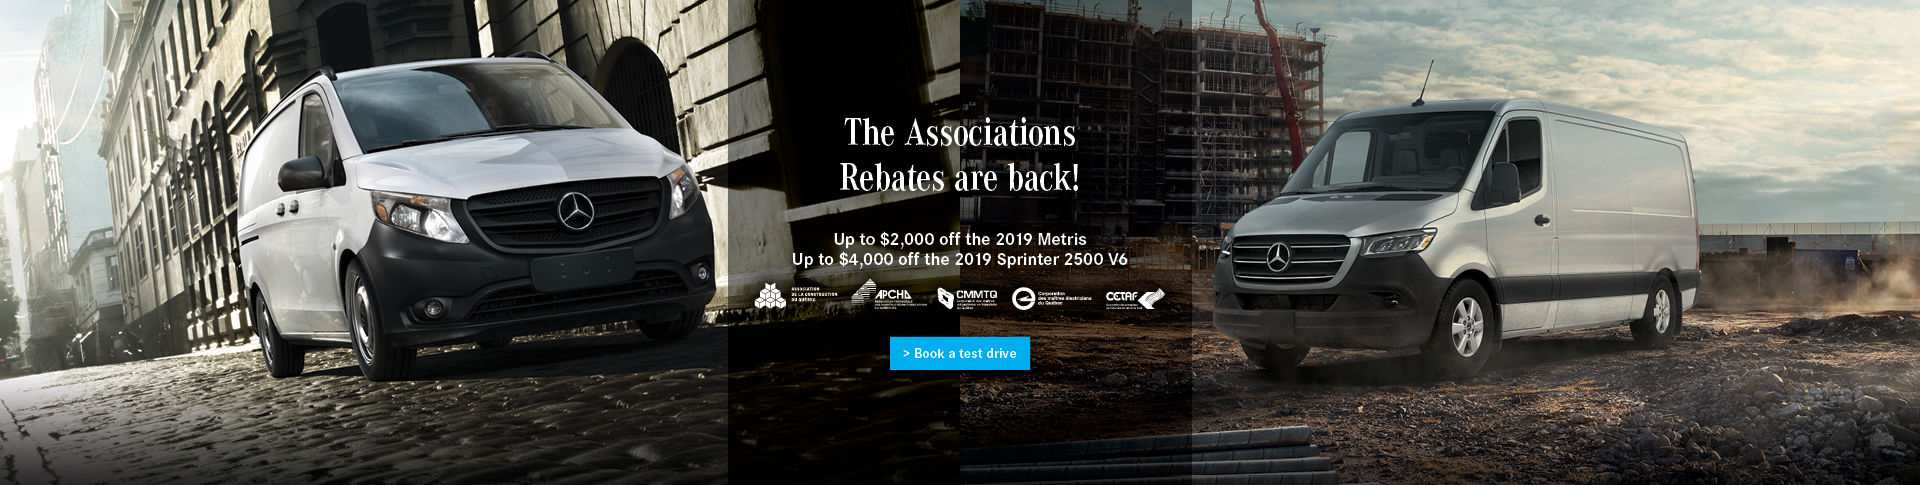 Vans Associations Rebate